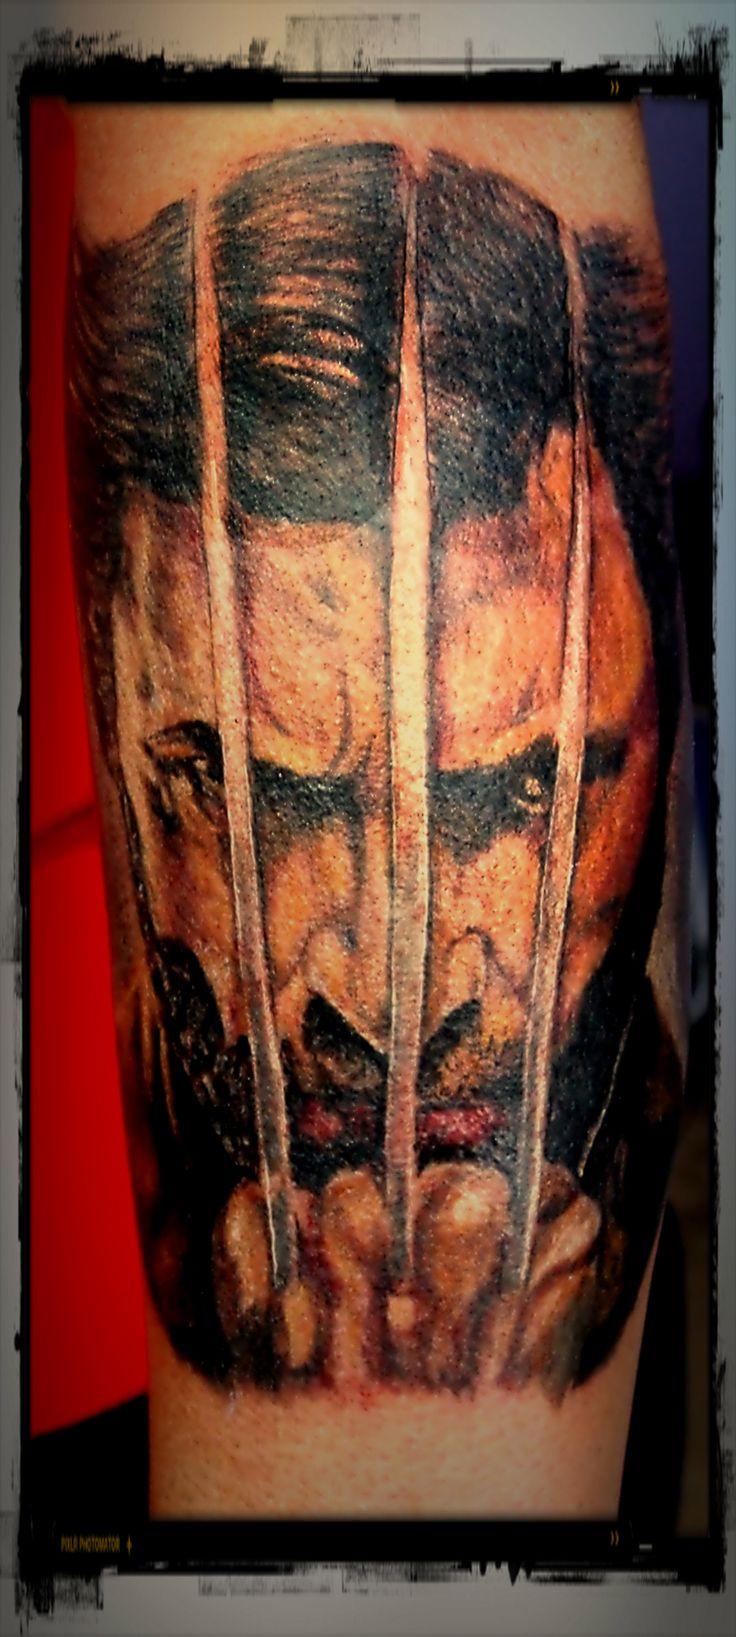 #wolverine  #xmen dofp  #xmen  #days of future past  #x-men  #hugh jackman  #ink  #tattoo  #tattoos  #portrait  #portrait tattoo  #work in p...